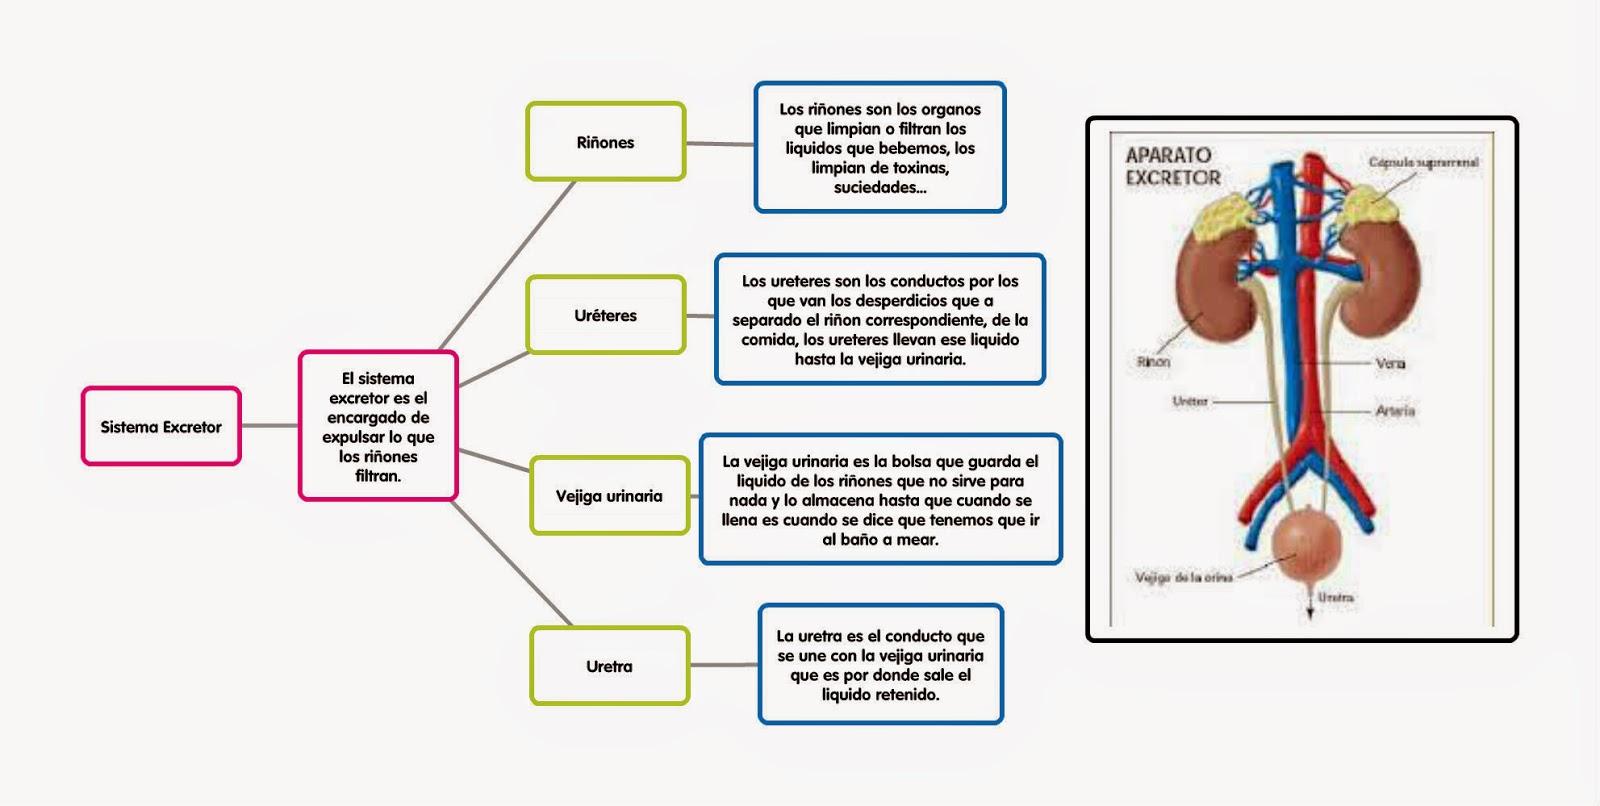 Famoso Diagrama De Sistema Excretor Colección de Imágenes - Anatomía ...